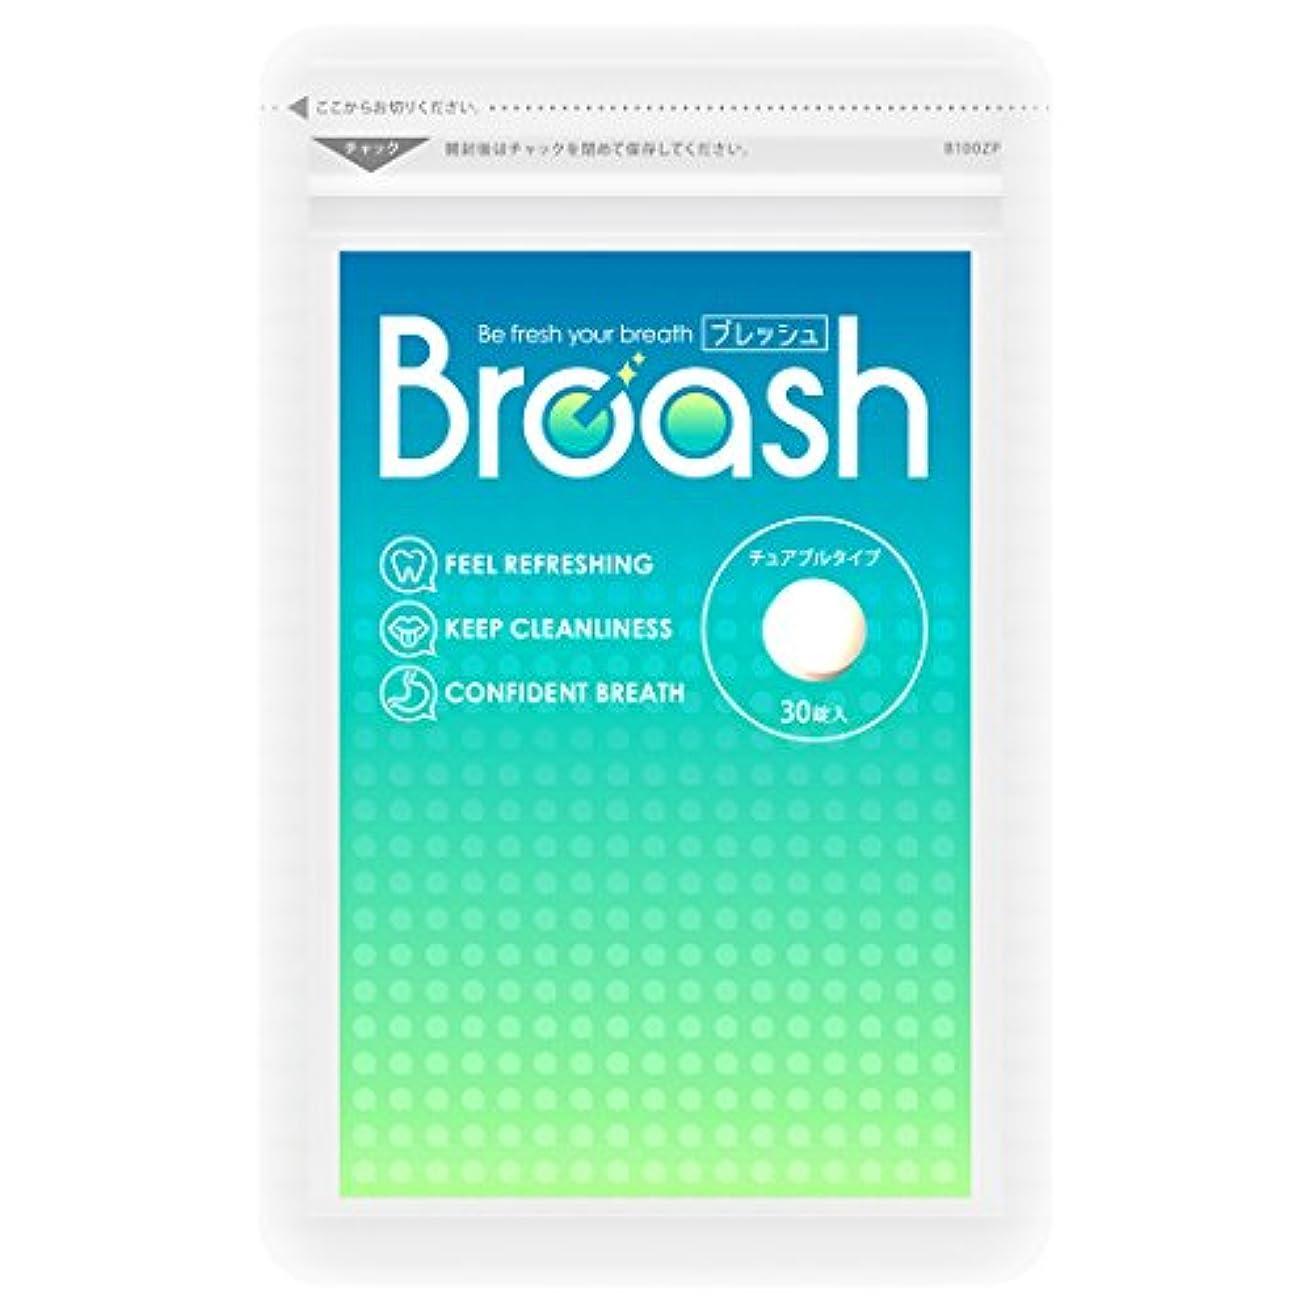 スカーフ報酬オリエンテーションBreash(ブレッシュ) 口臭 サプリ タブレット チュアブルタイプ (30粒入り)